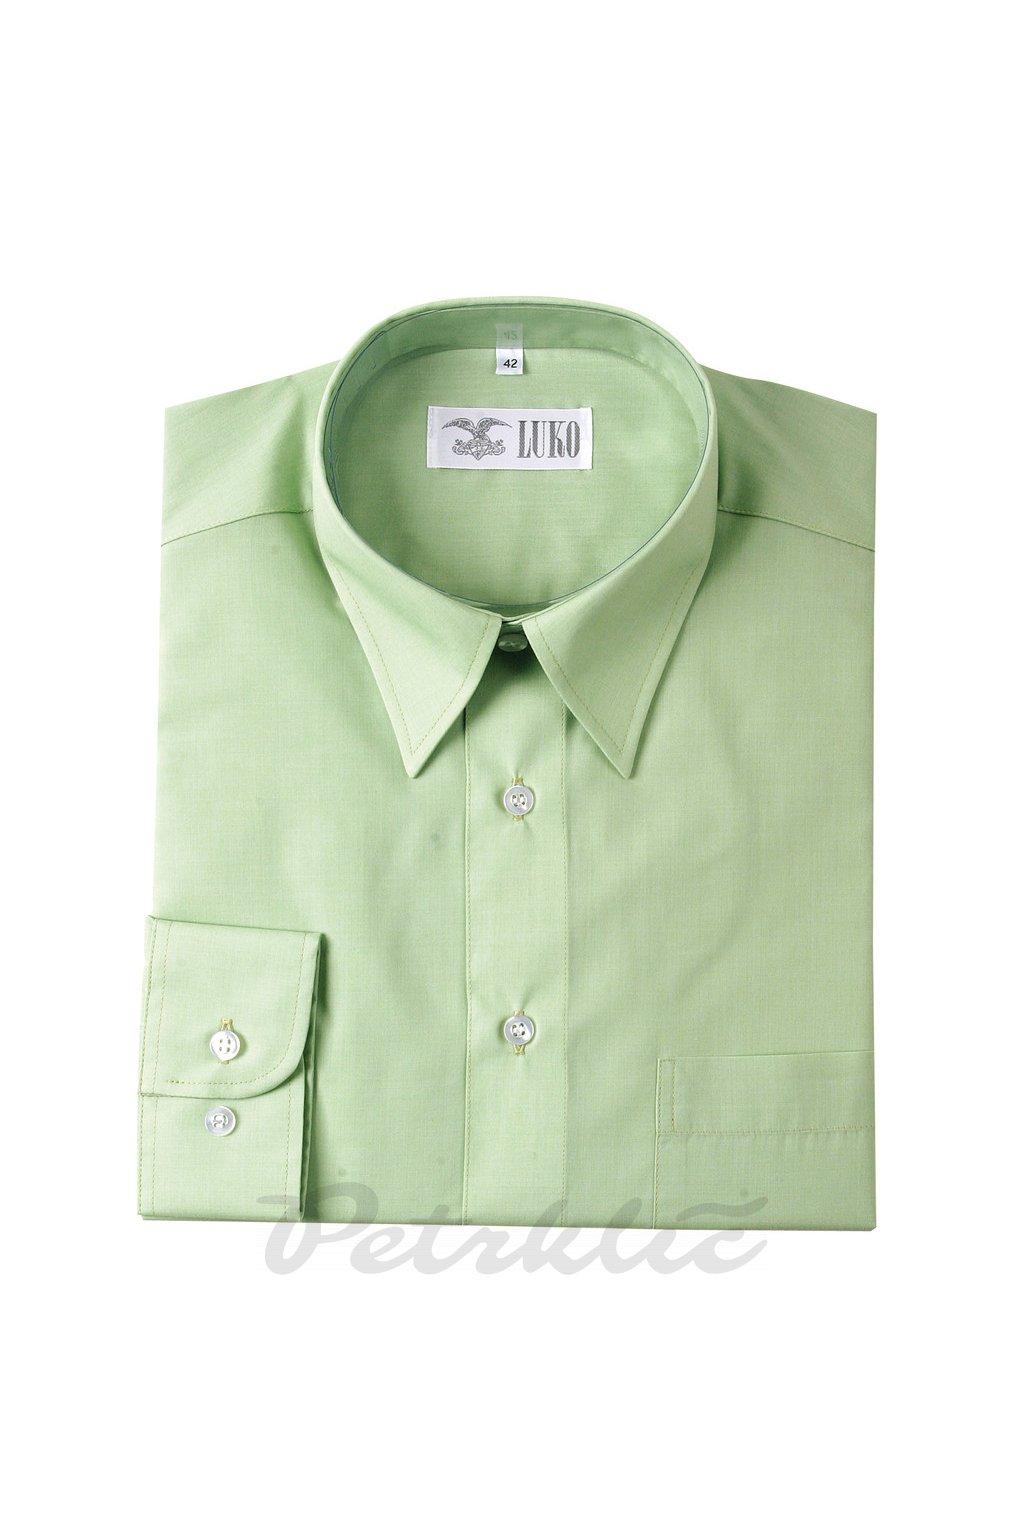 Pánská košile dlouhý rukáv - směs bavlna a polyester 1:1